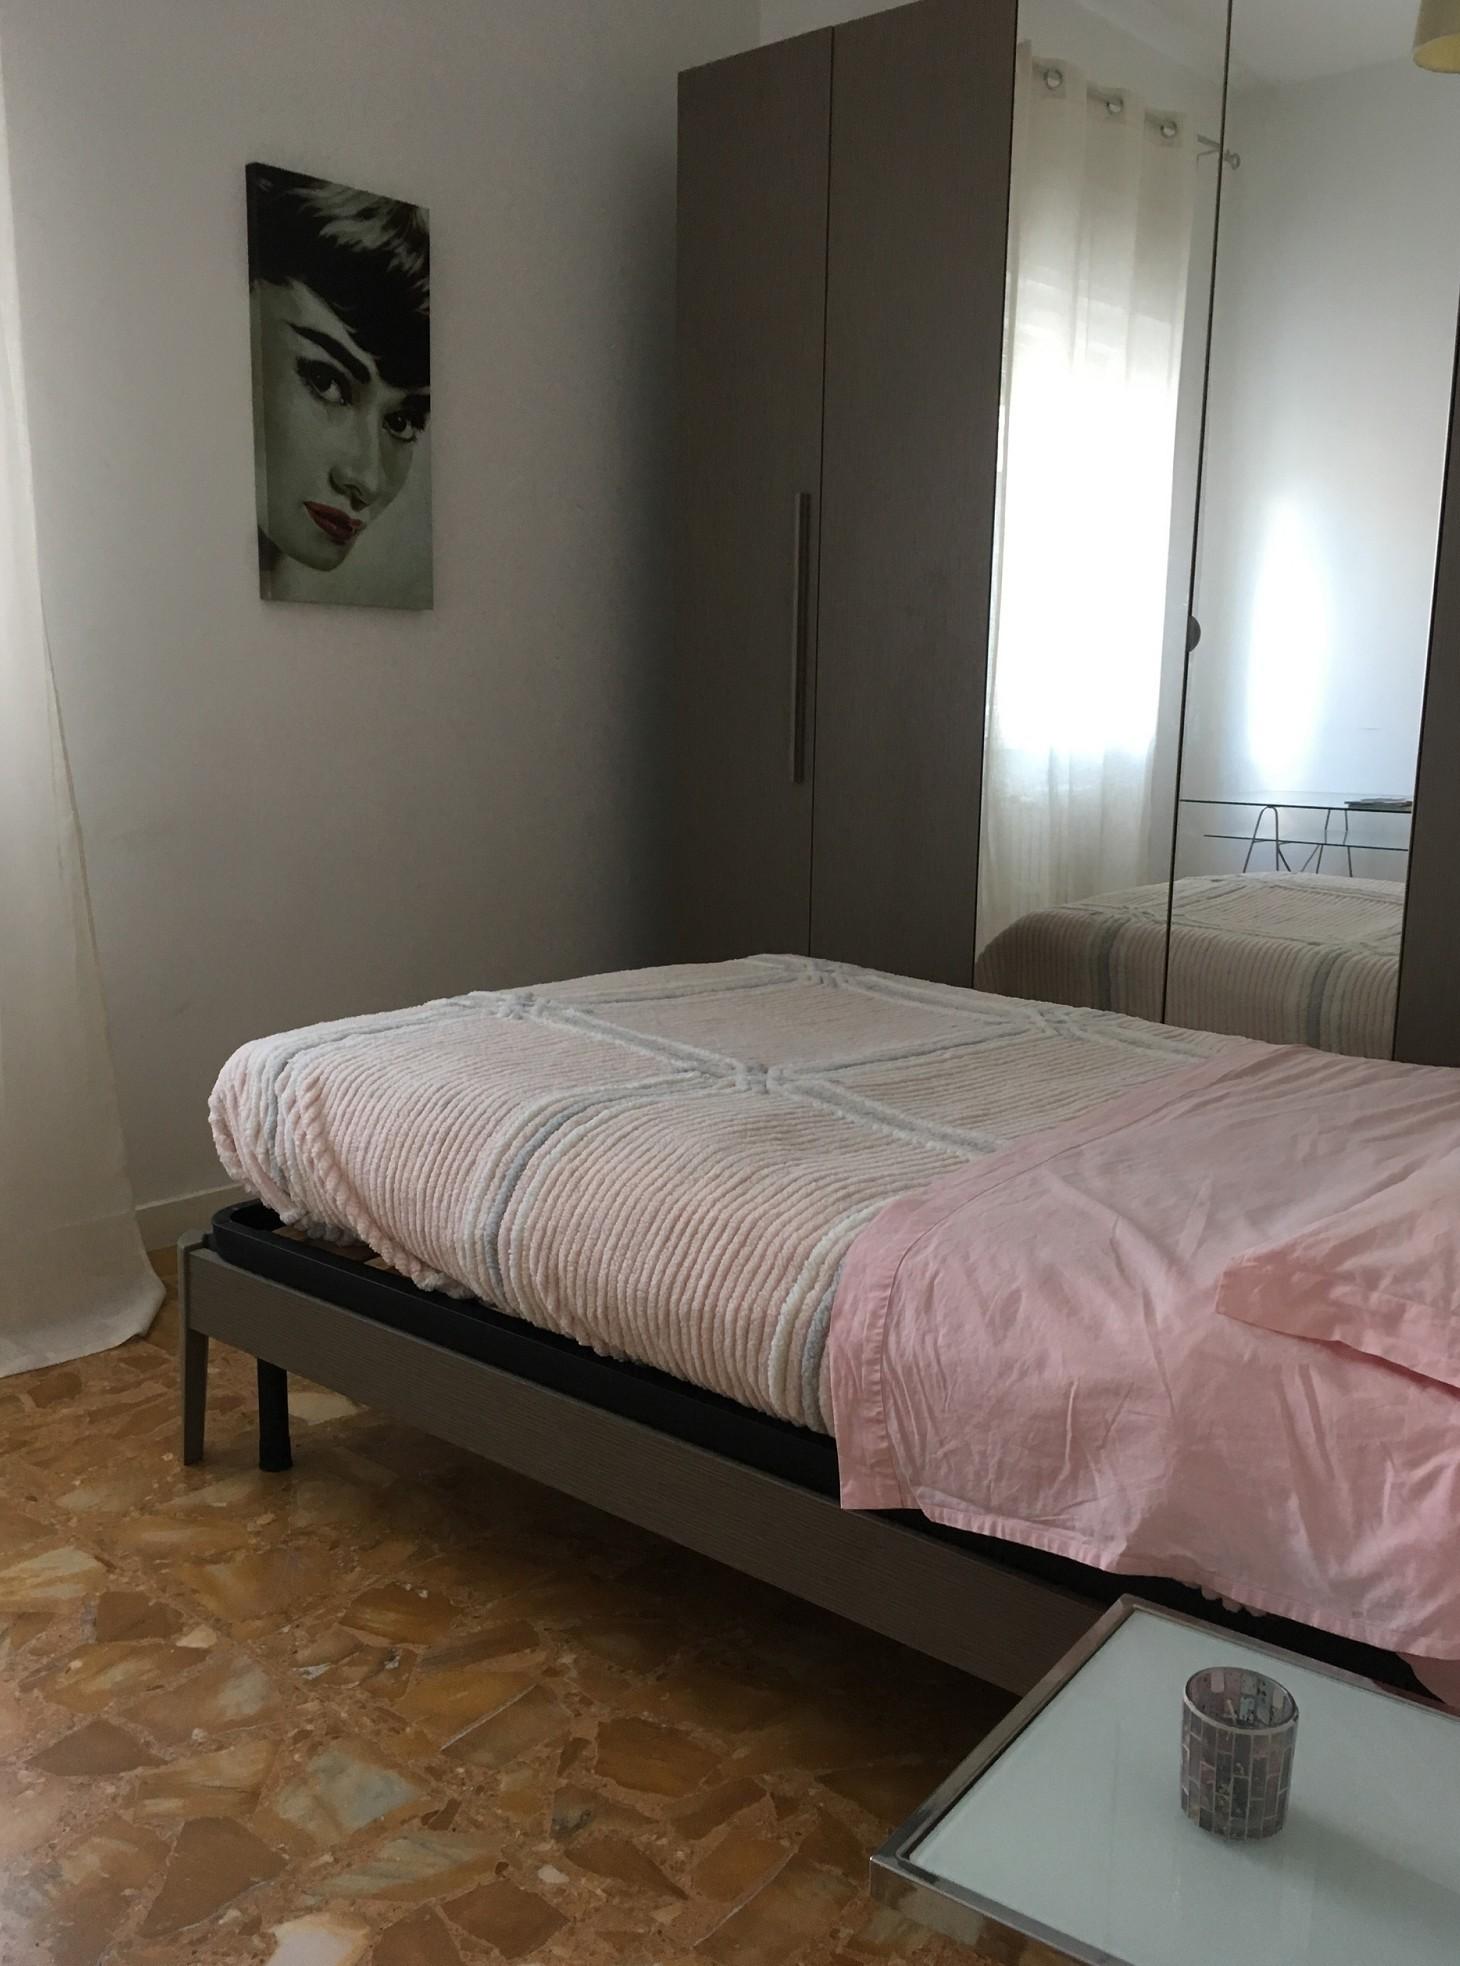 Quali rischi vi sono nell'affitto stanza senza contratto